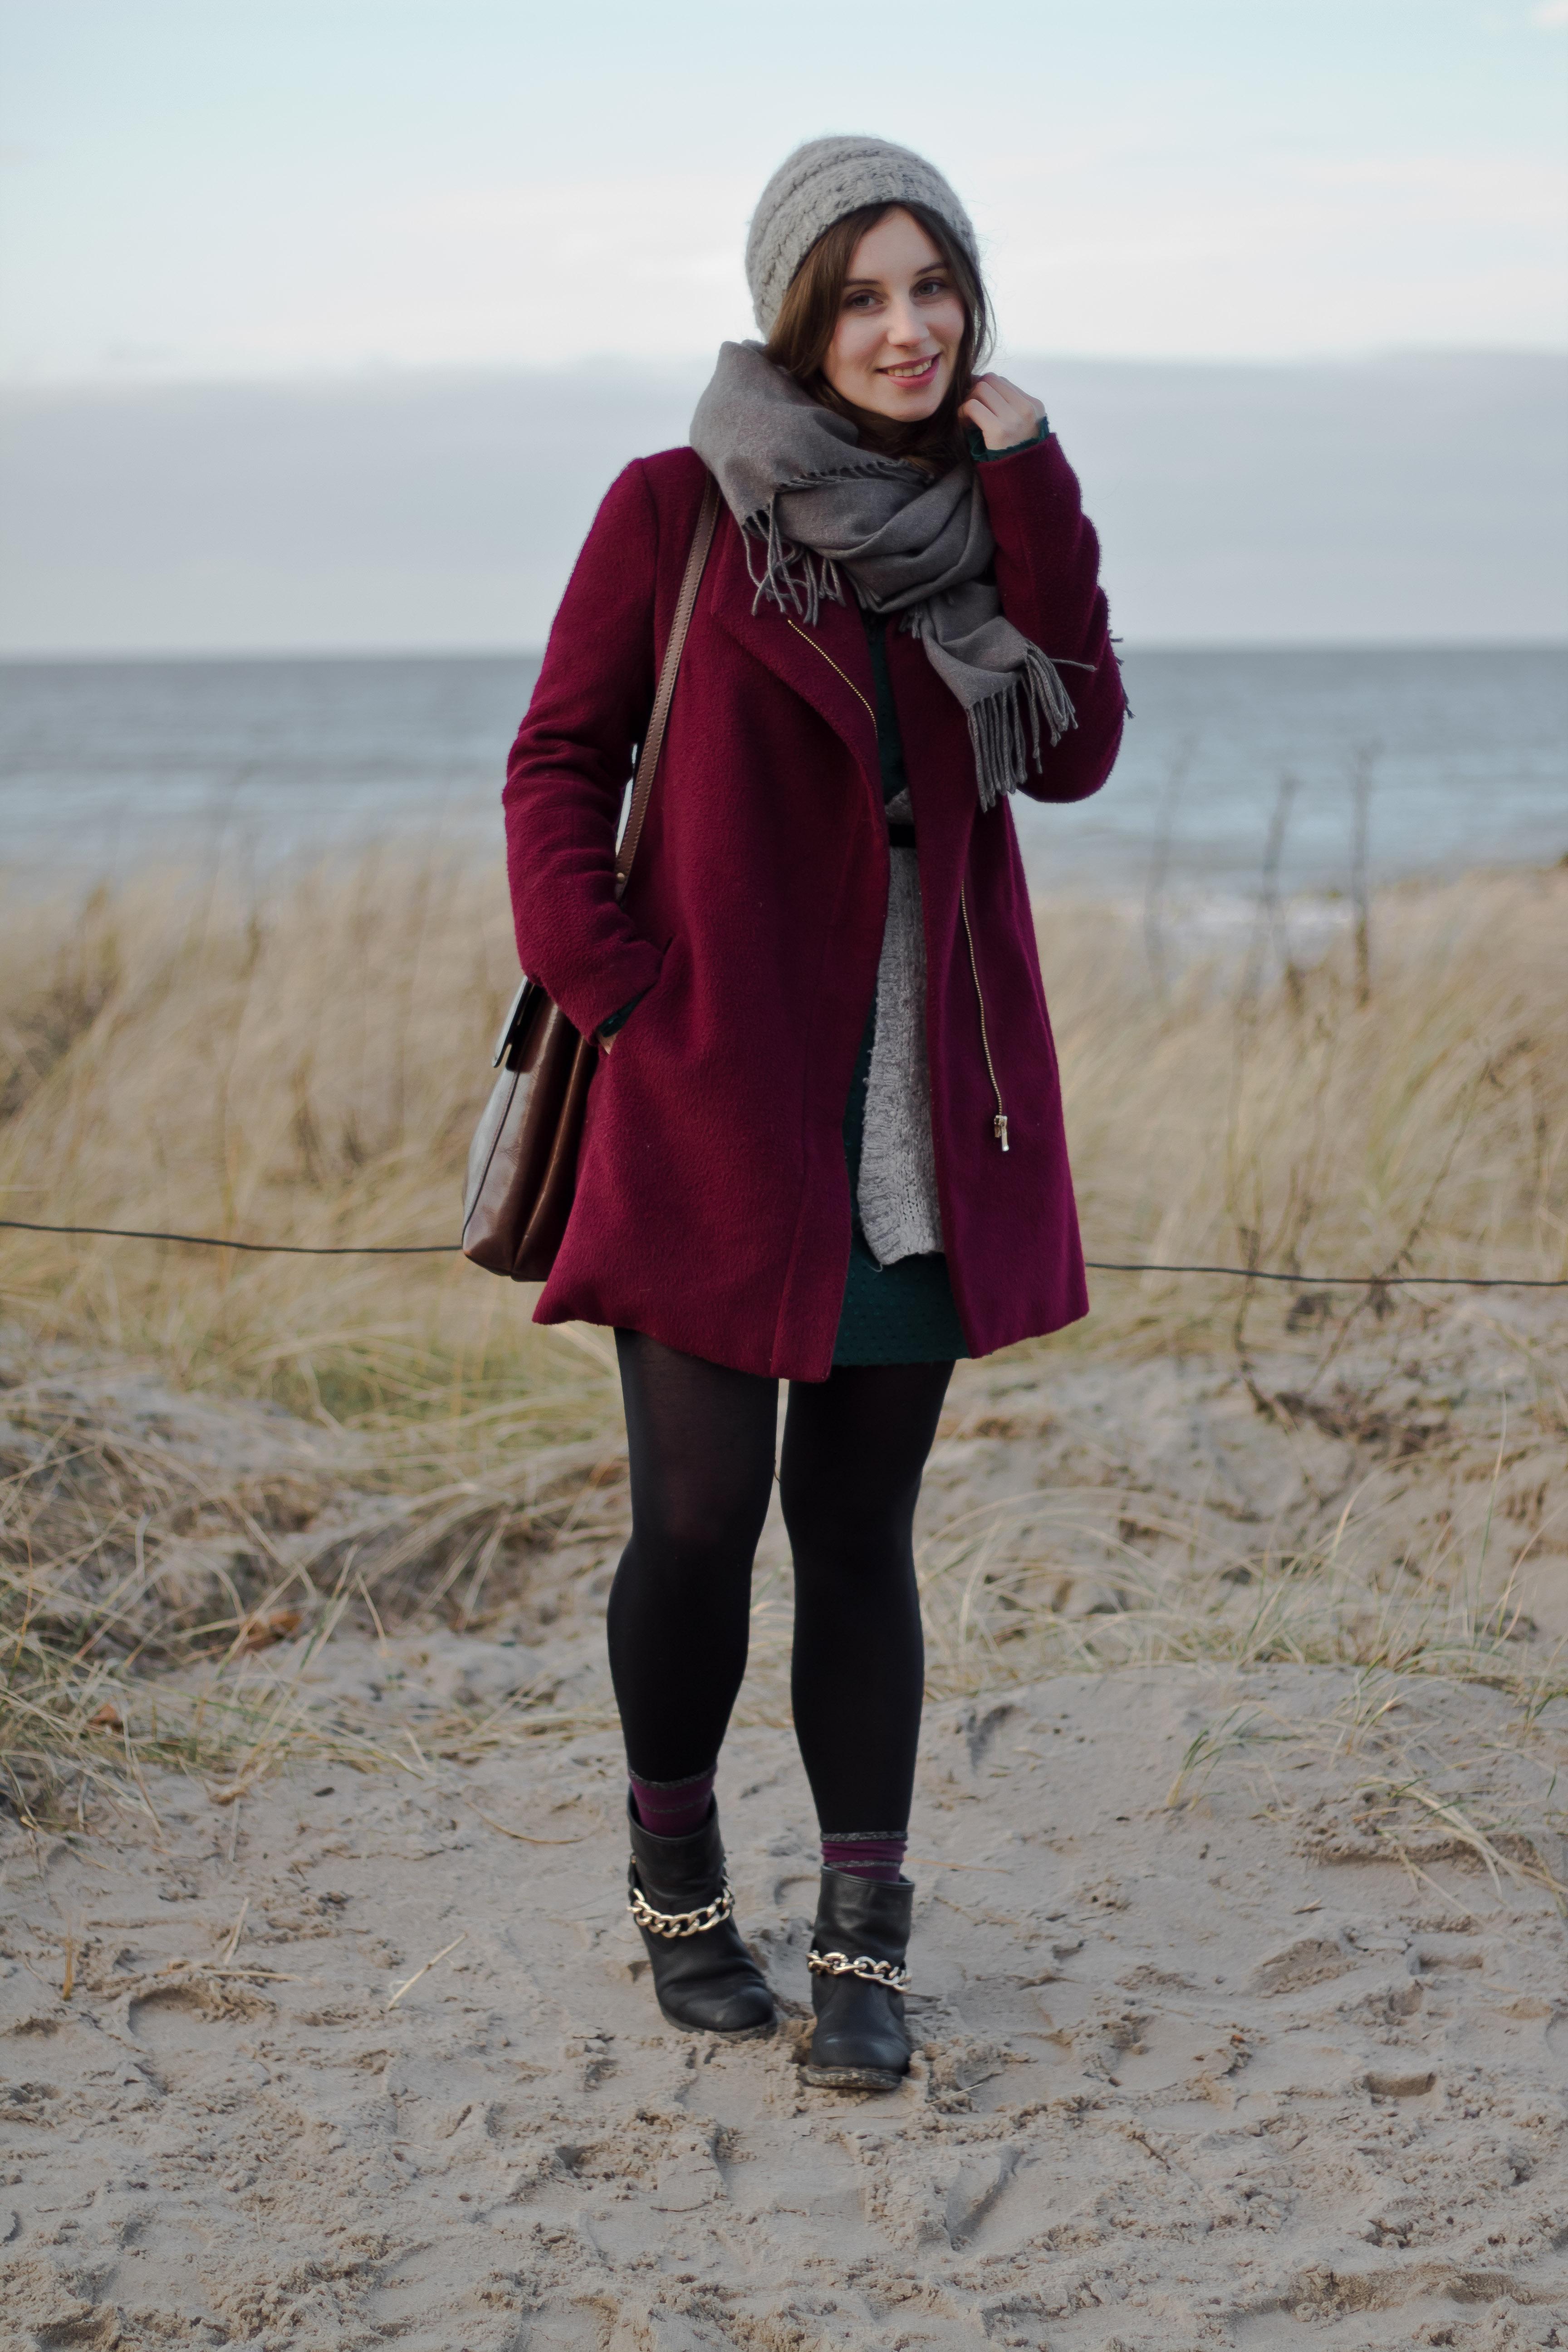 Neujahrsspaziergang am Strand